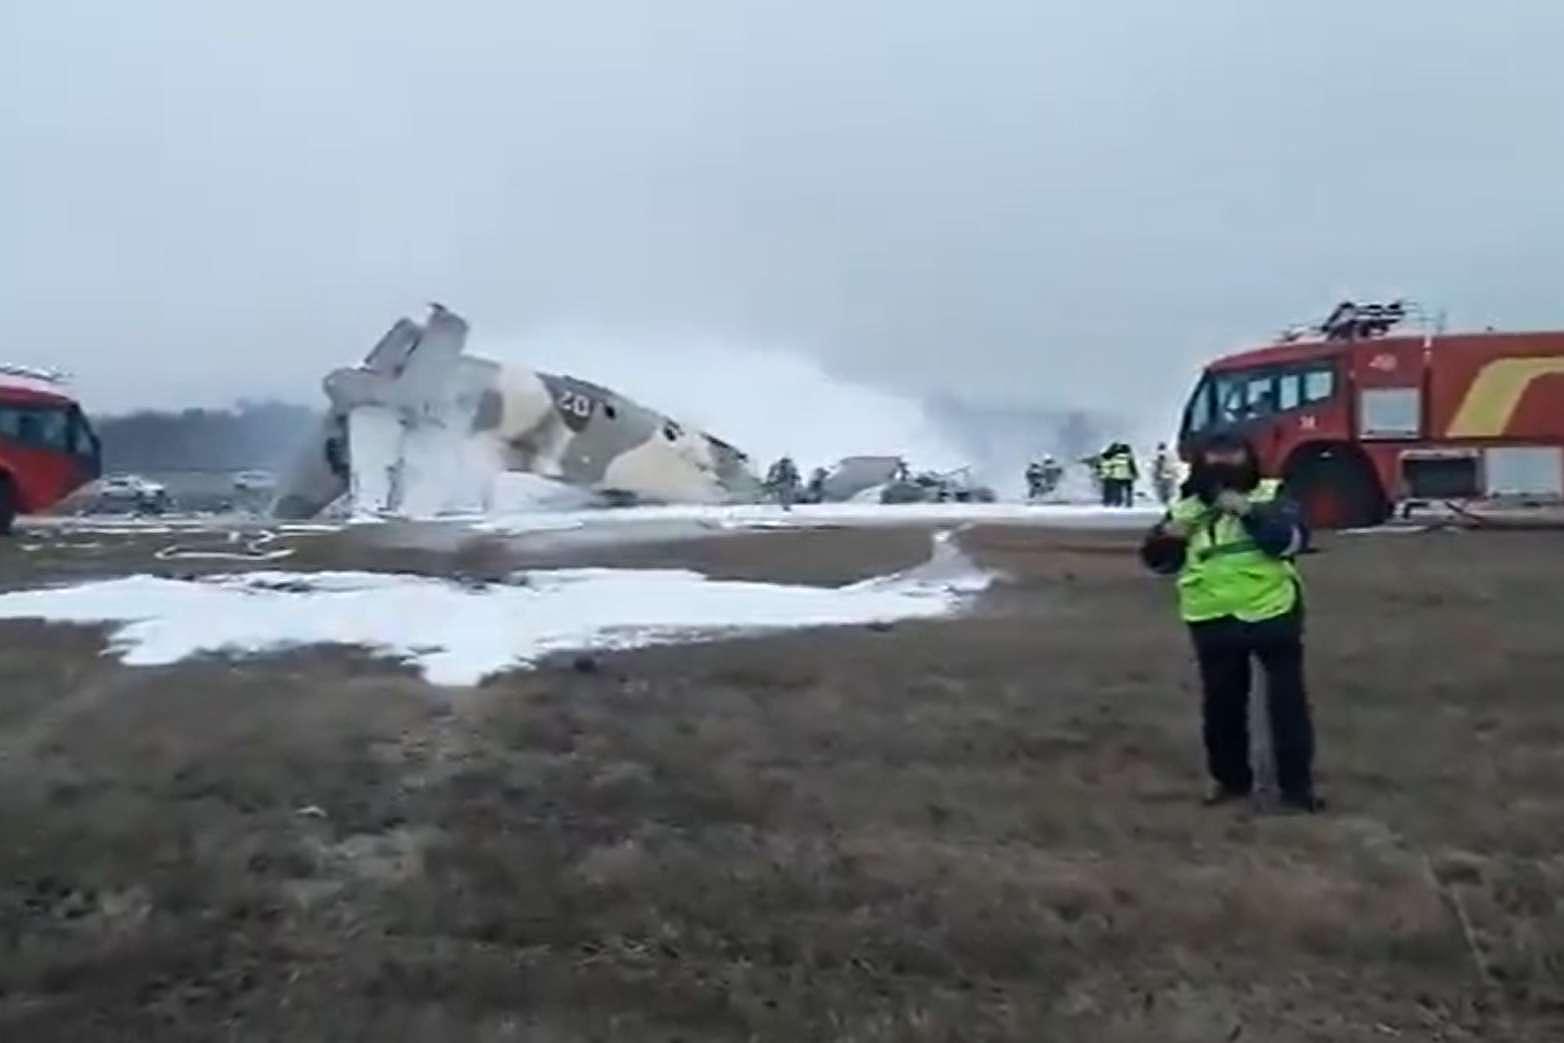 Patru morți, după ce un avion militar s-a prăbuşit la Almaty